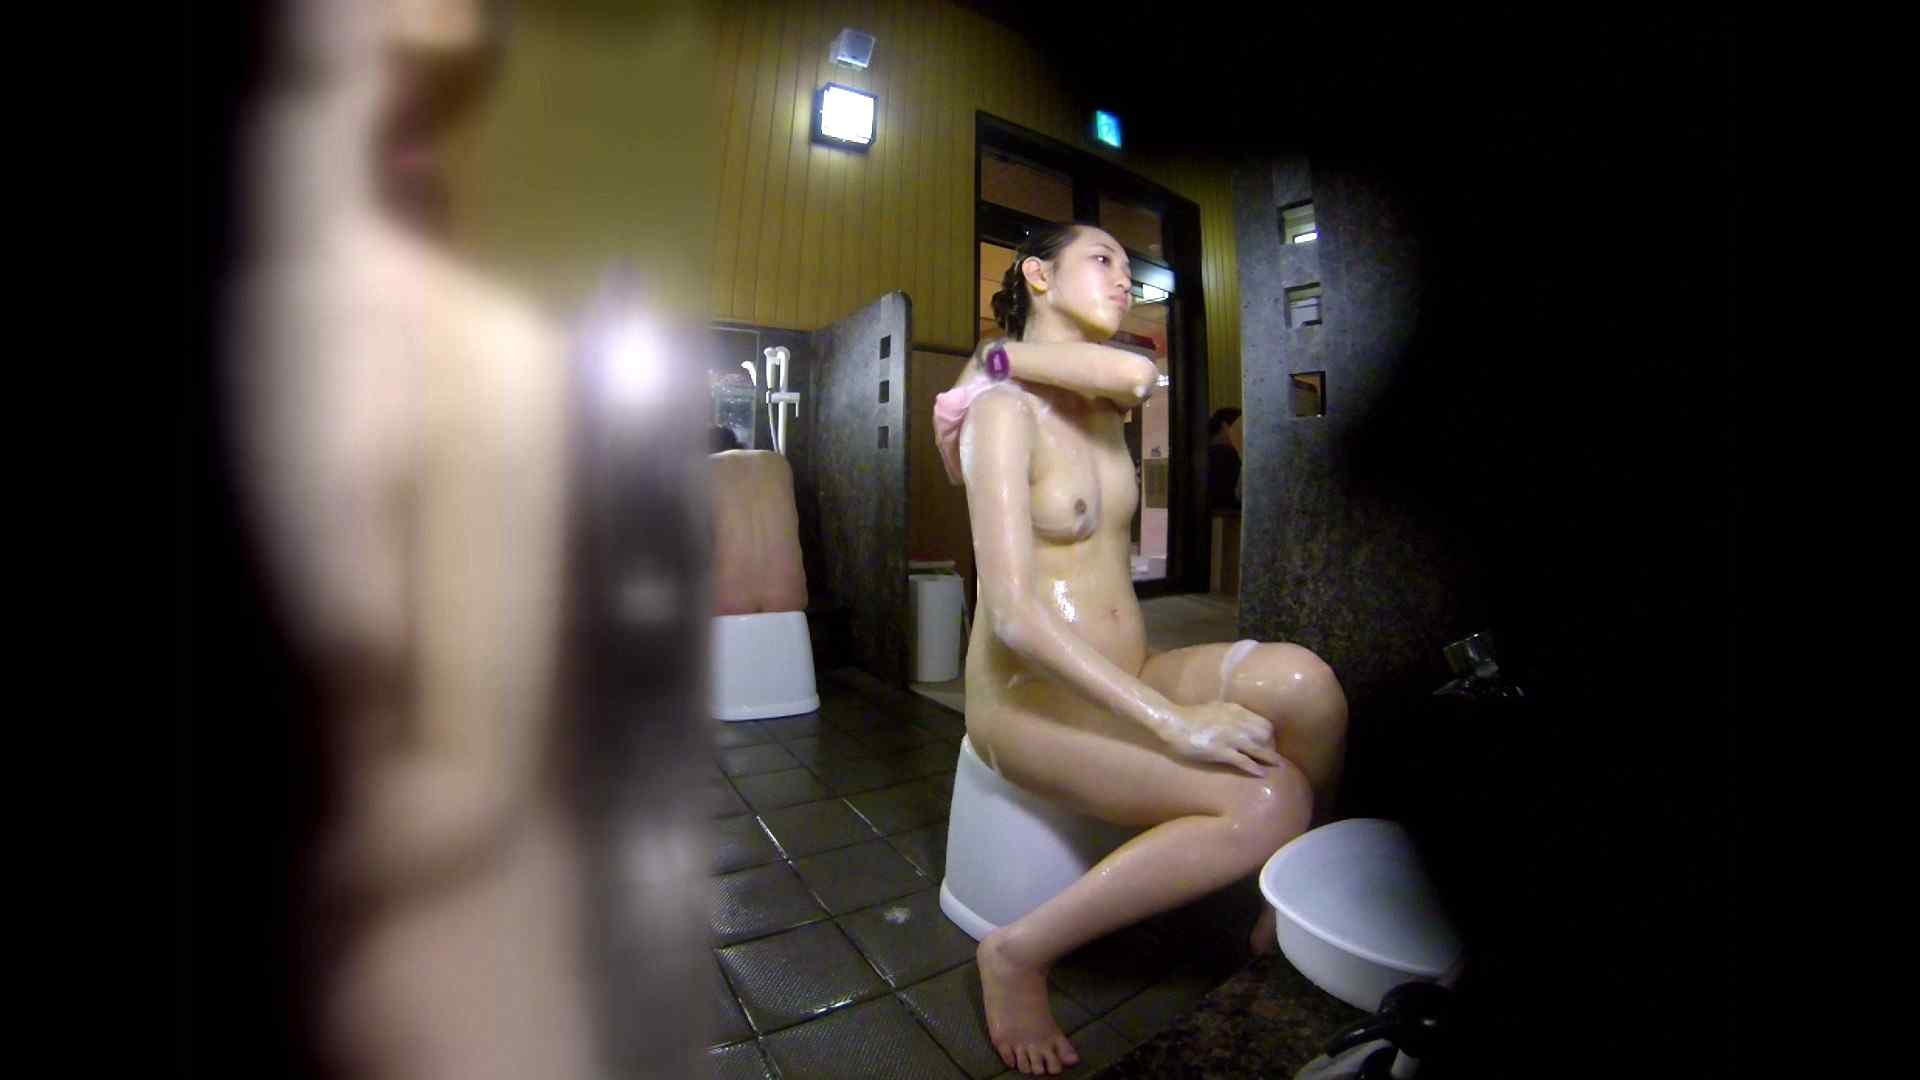 洗い場!チラチラ見てくる理想のボディの清楚さん 女湯のぞき エロ画像 79枚 10